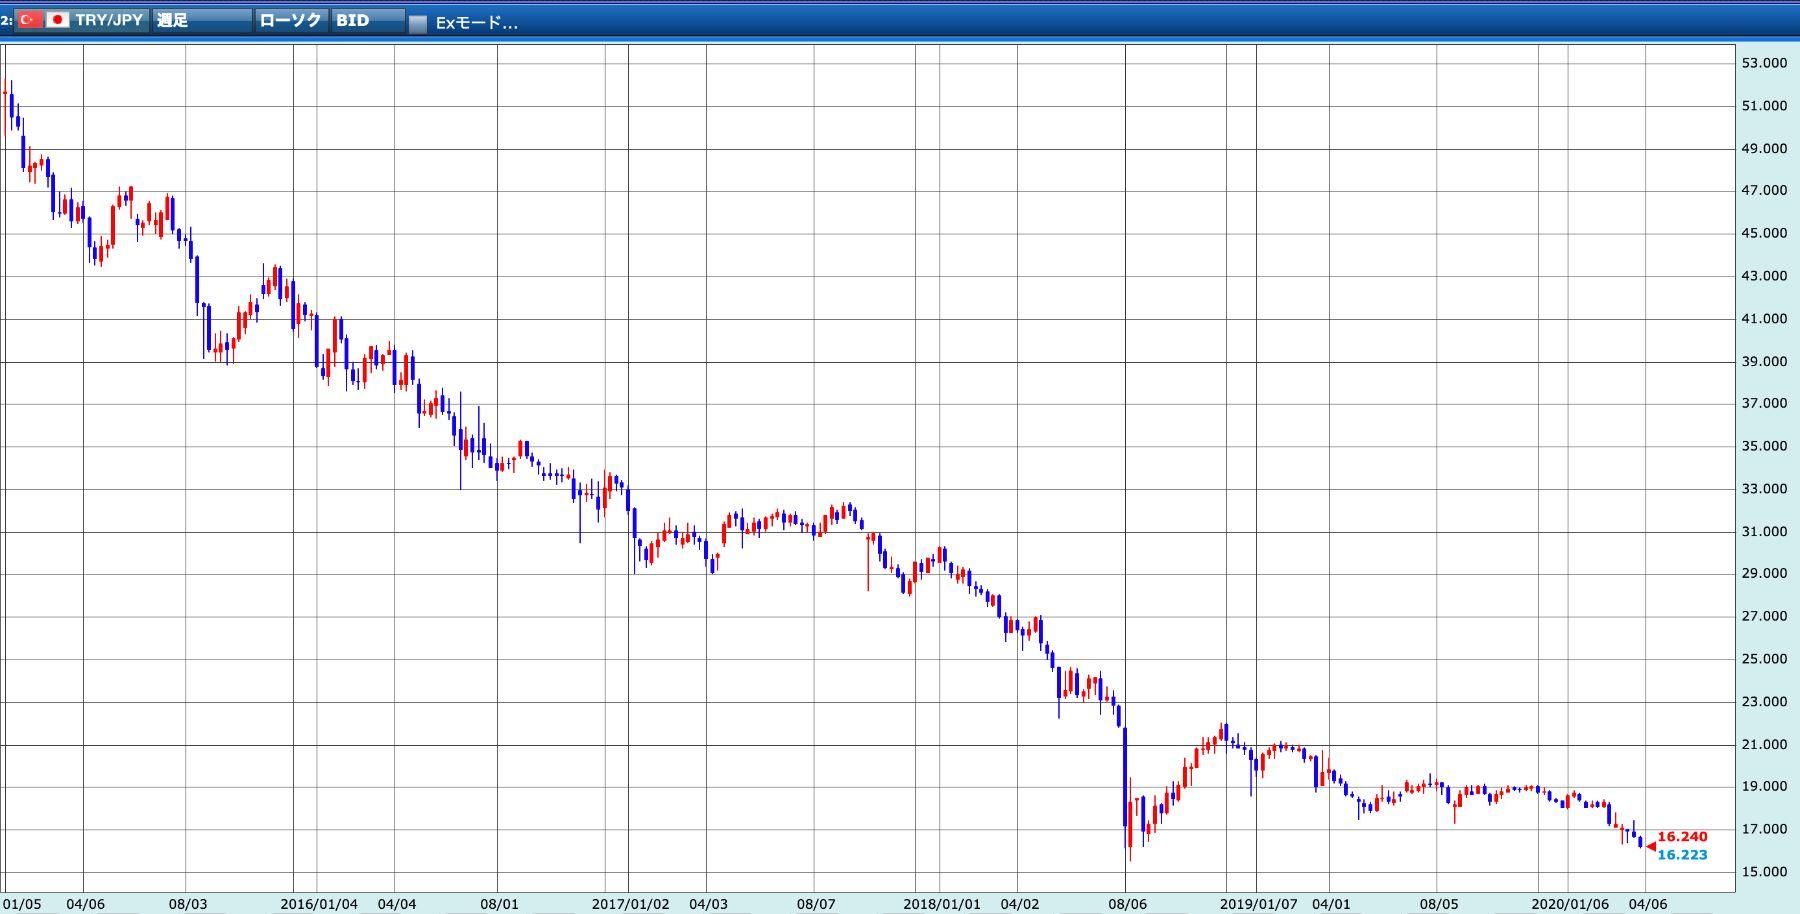 トルコリラ円過去5年間のチャート